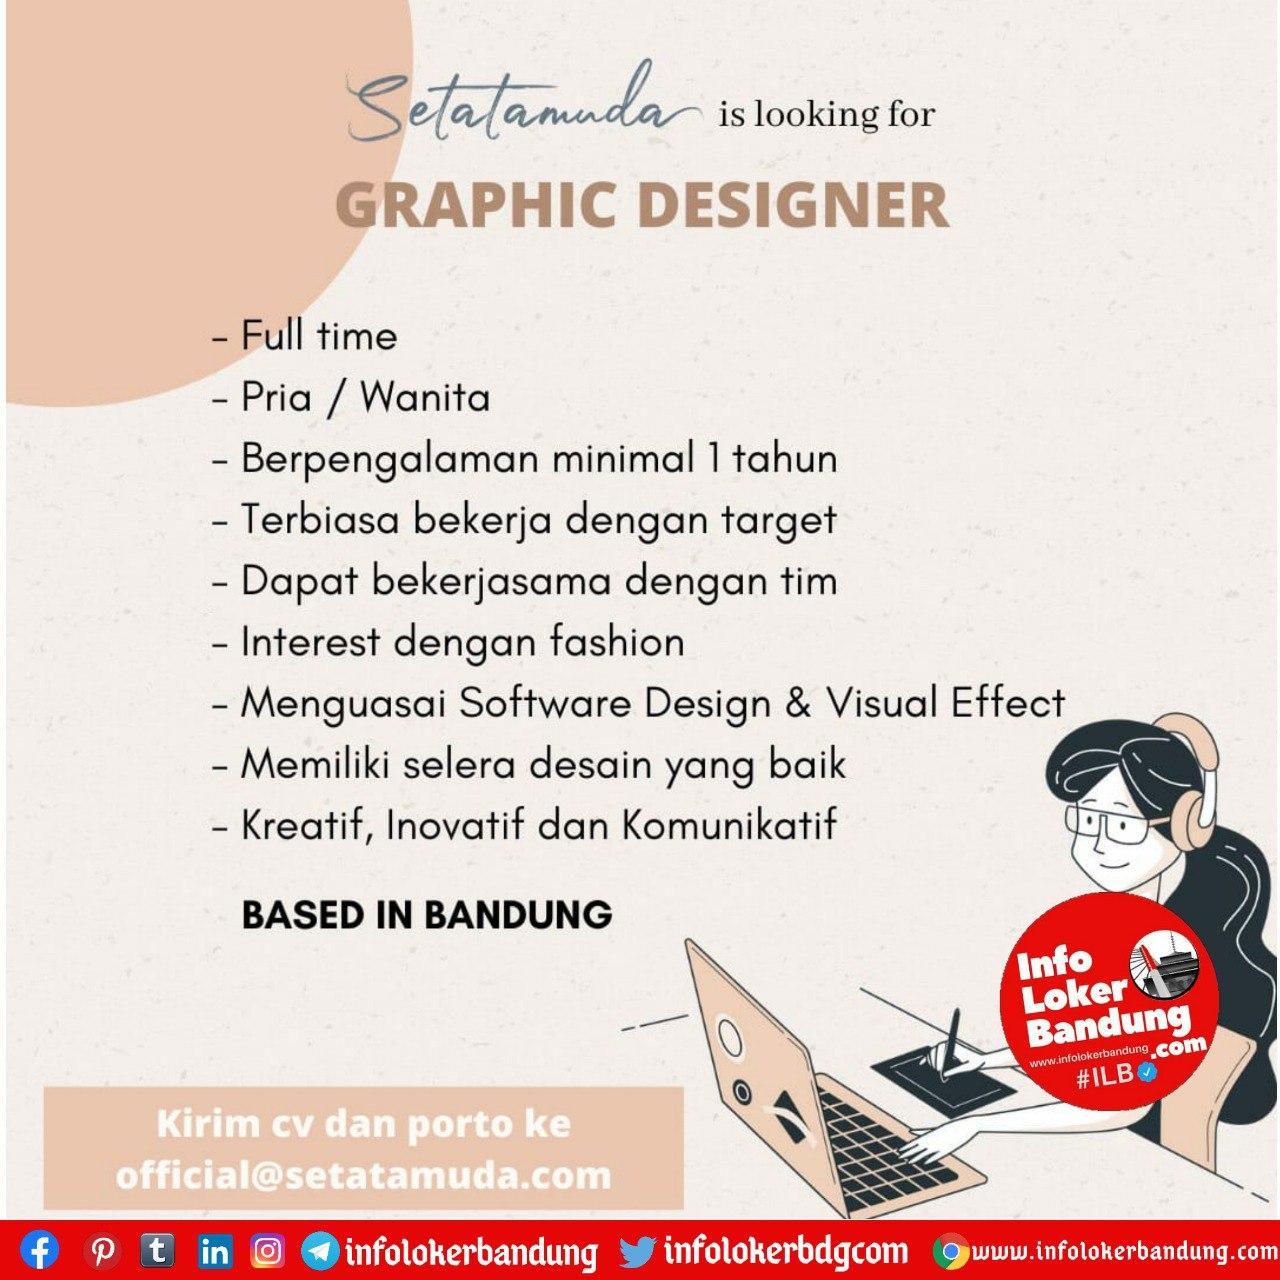 Lowongan Kerja Graphic Designer Setatamuda Bandung Agustus 2020